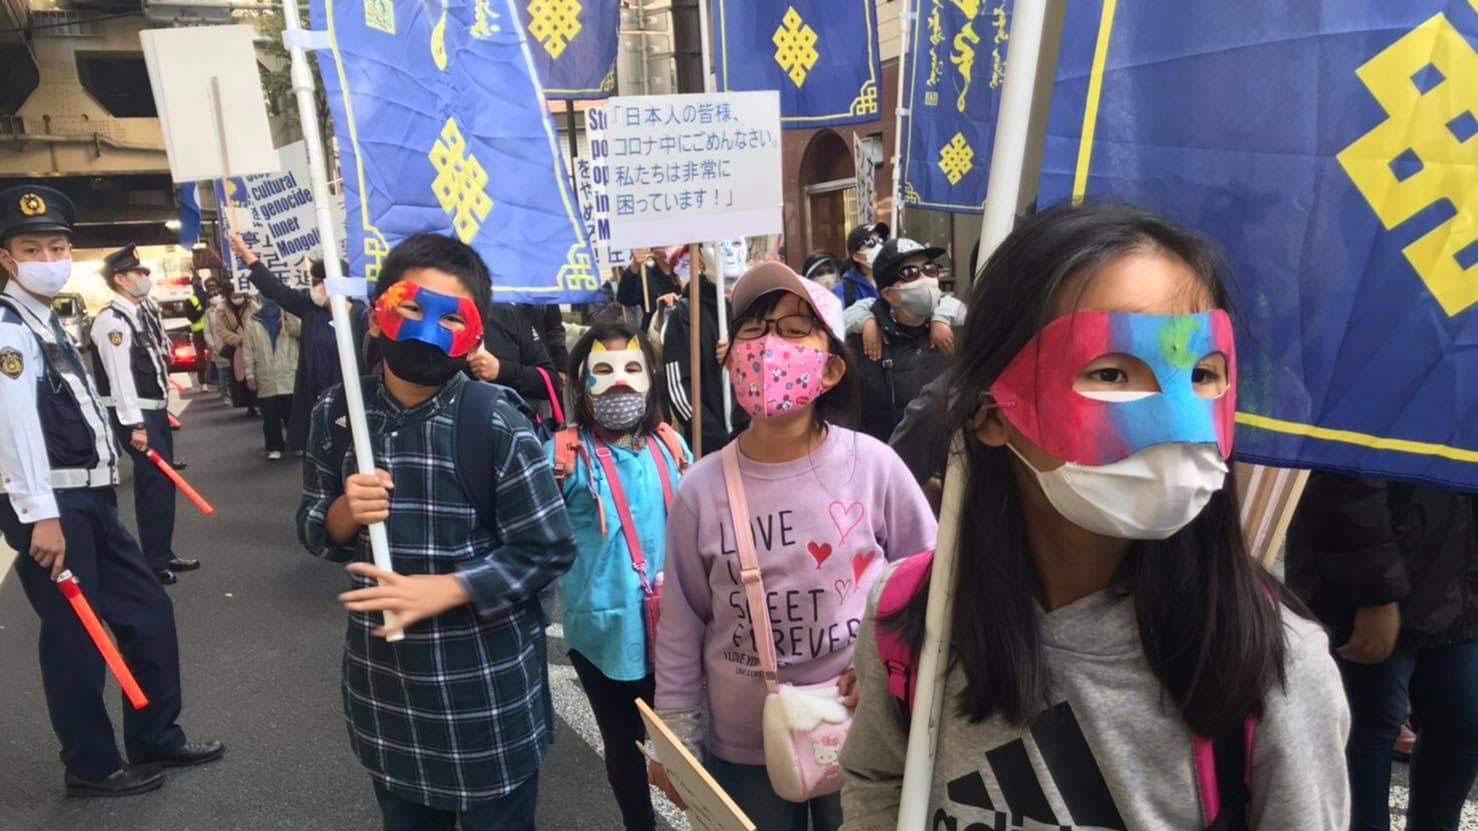 抗议现场,日本警察在维持秩序。(参与者提供/记者乔龙)